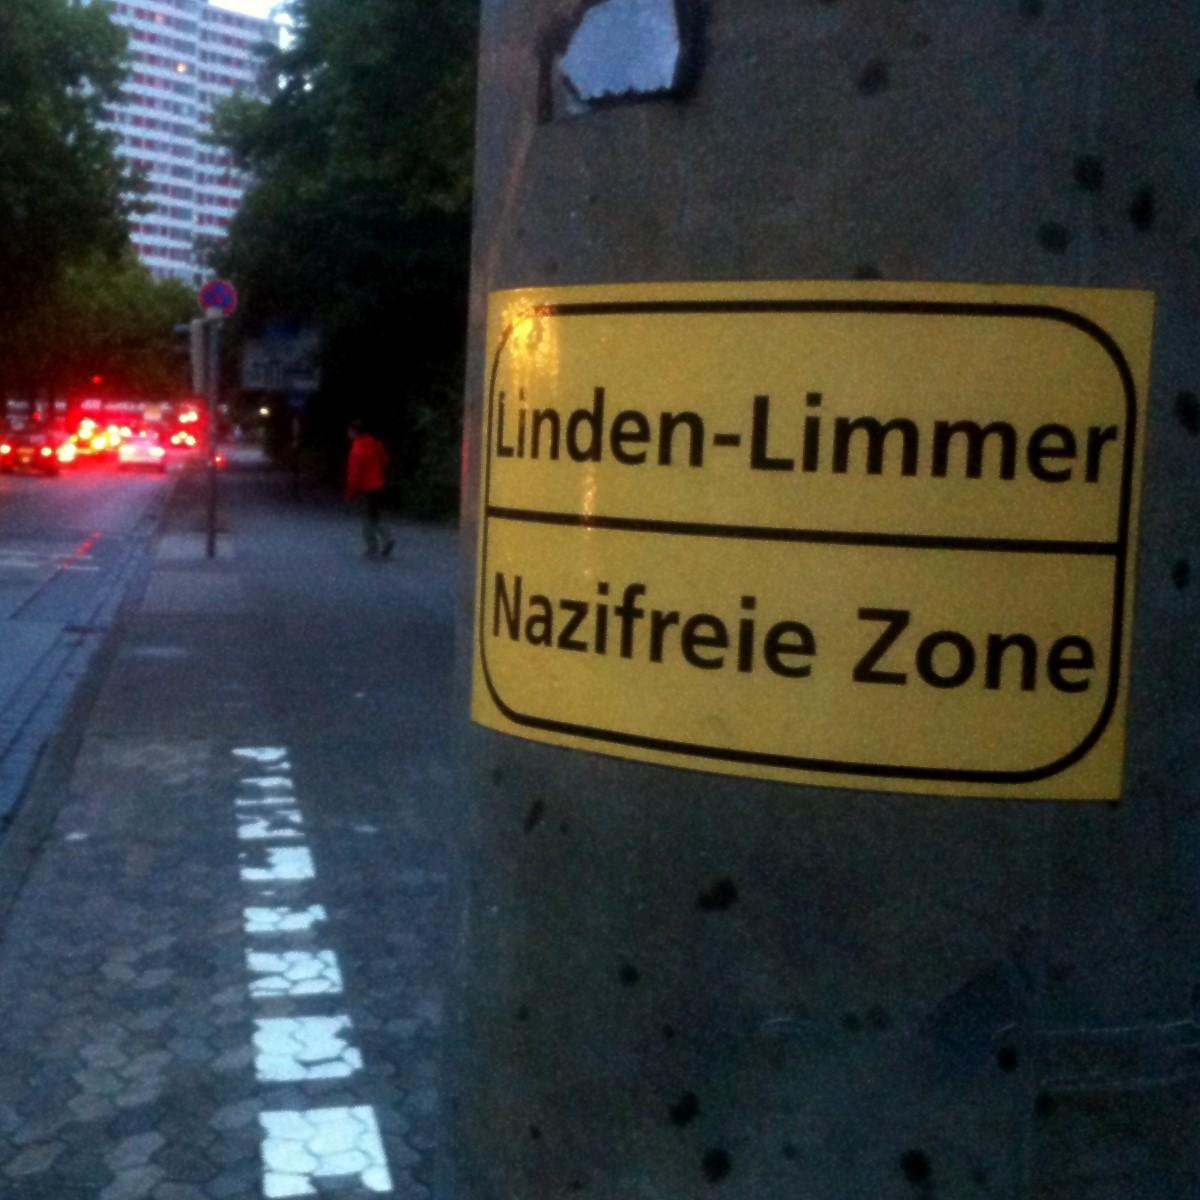 Symbol Linden-Limmer Nazifreie Zone